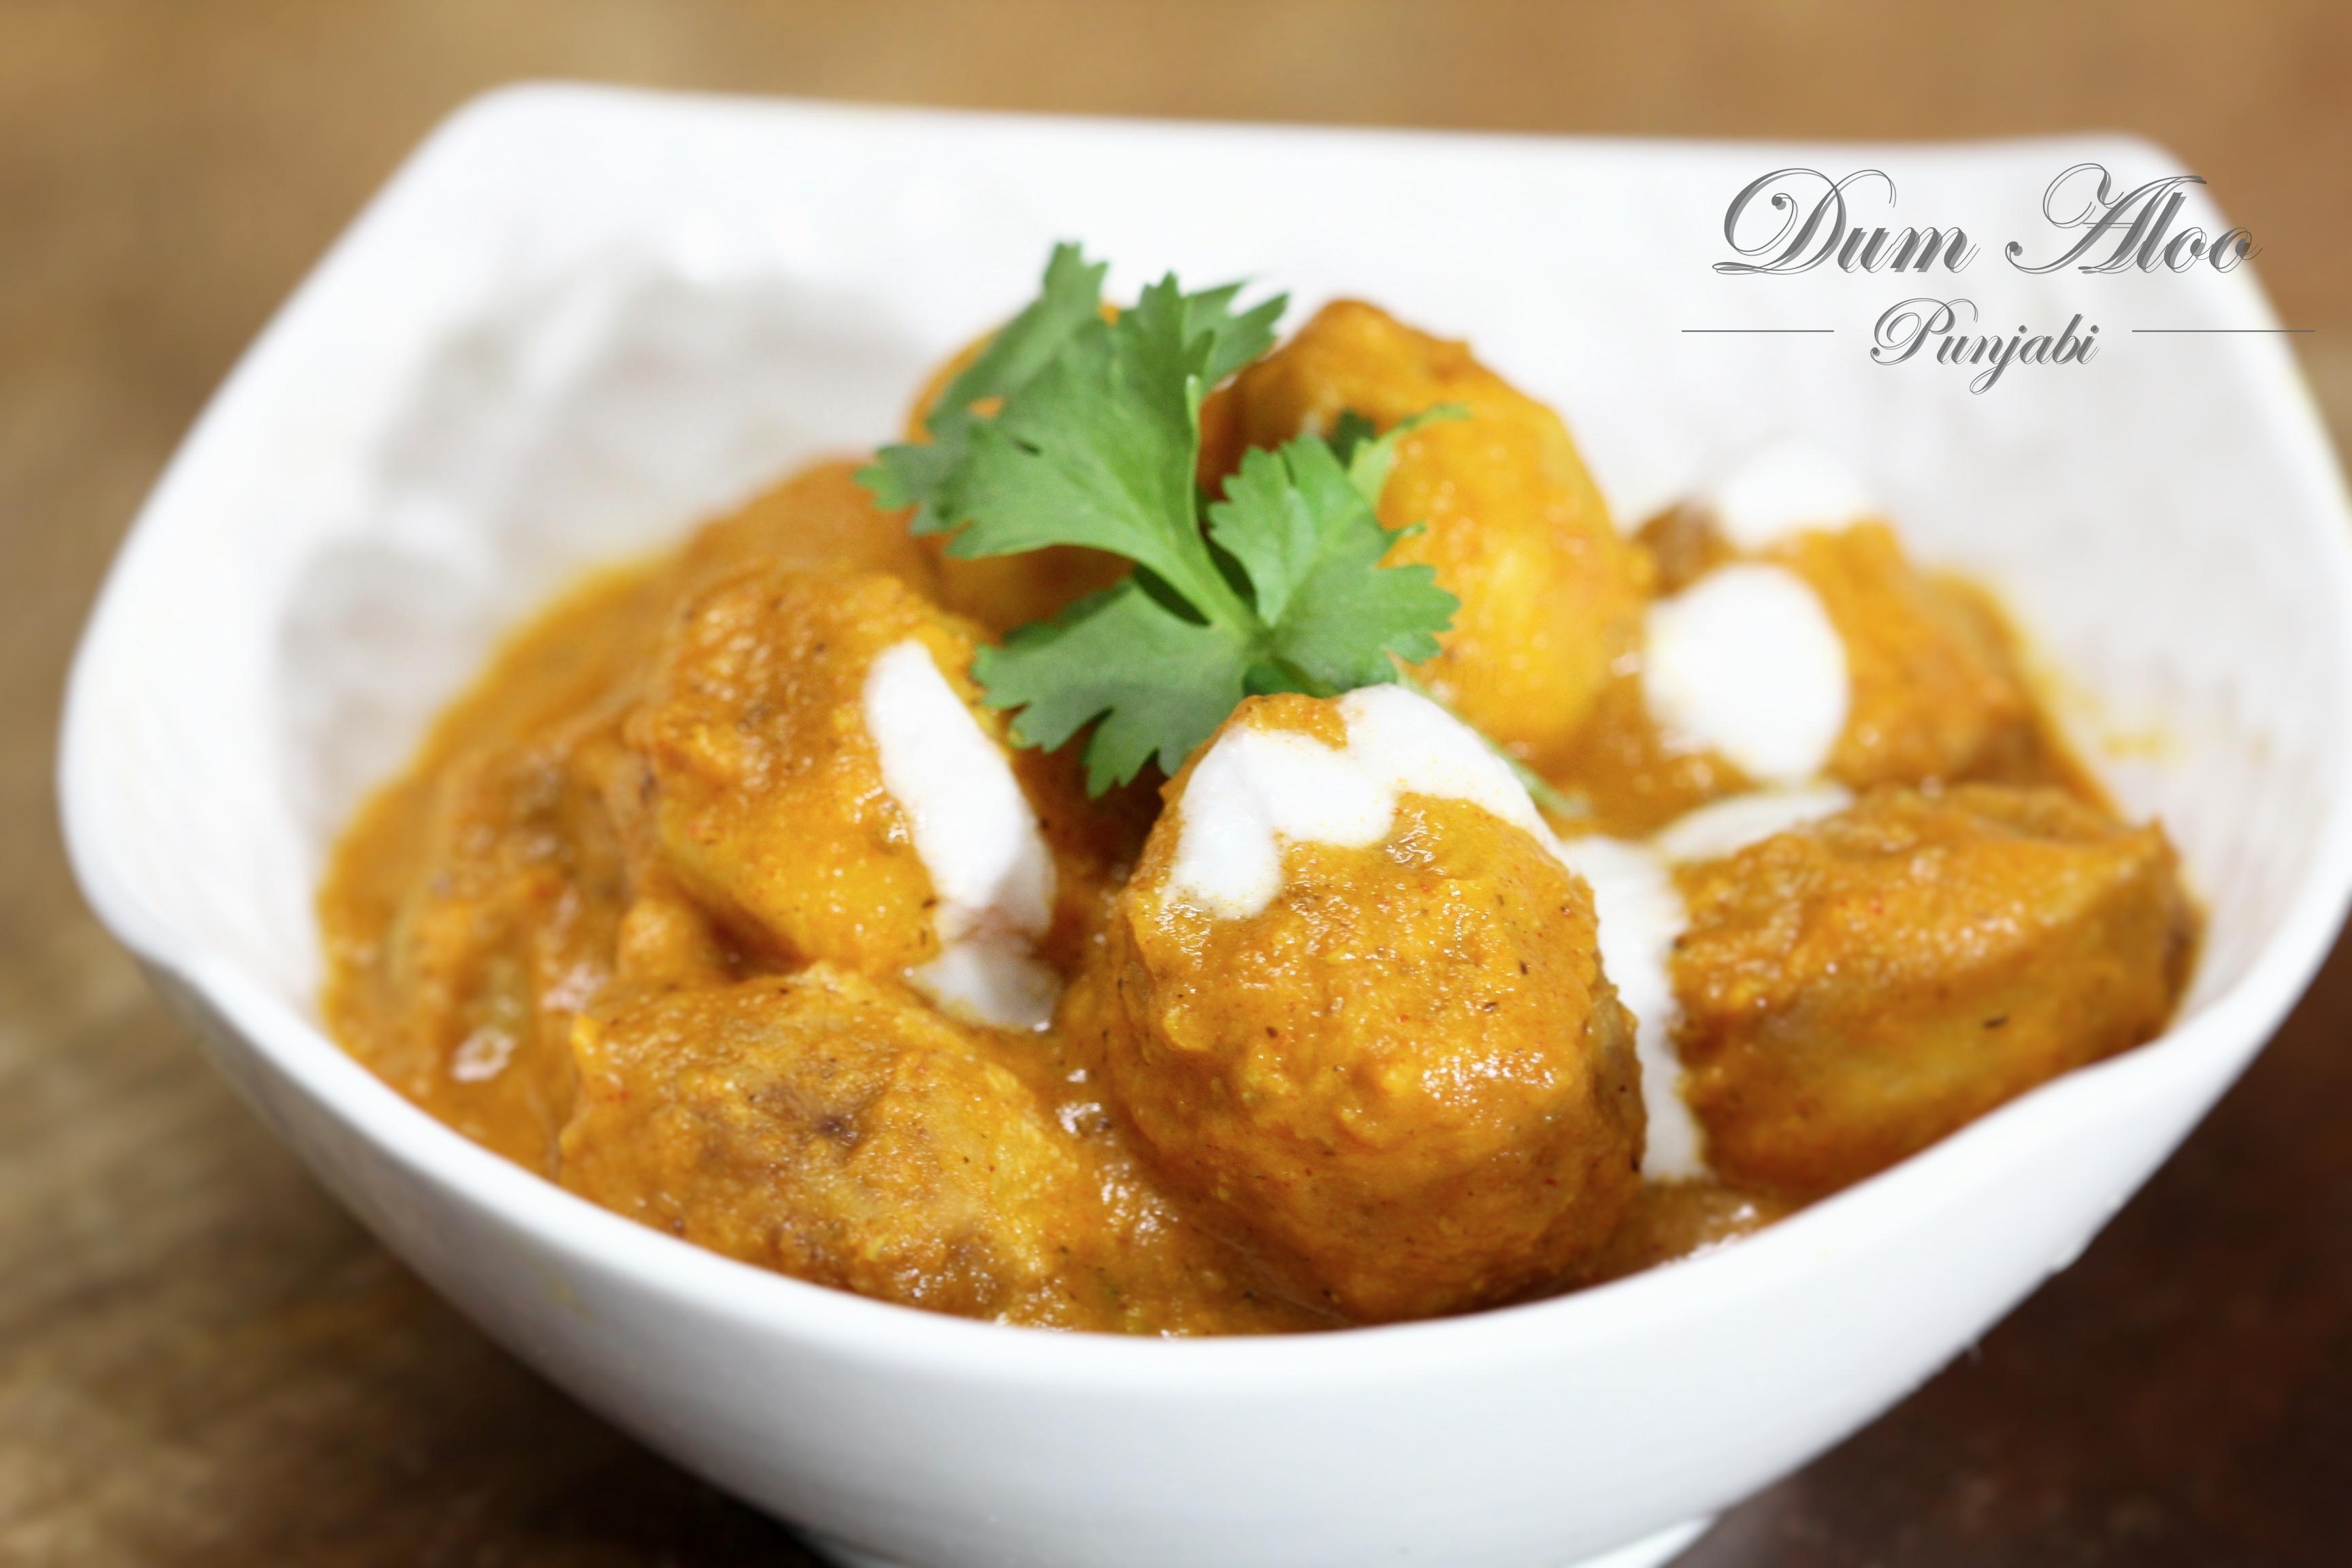 Punjabi style Dum Aloo